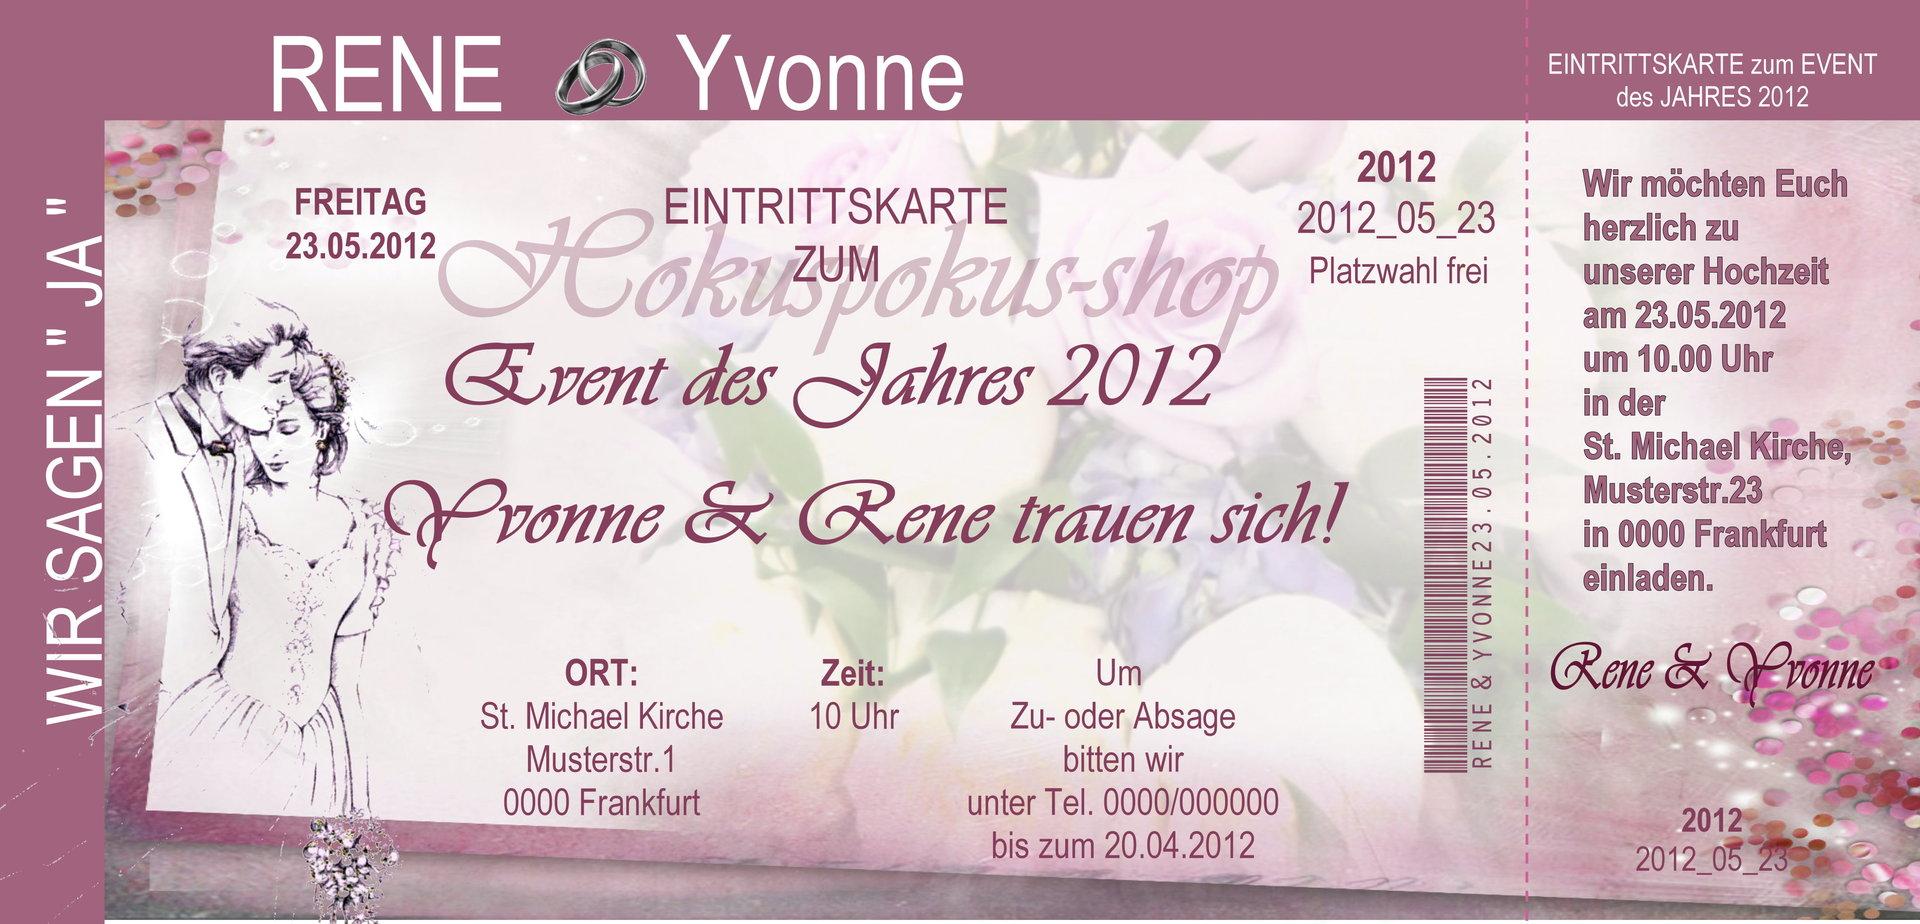 42 LUSTIGE EINLADUNGSKARTEN 42 42 42 Geburtstag Einladungen ... - Einladungskarten Hochzeit Frankfurt